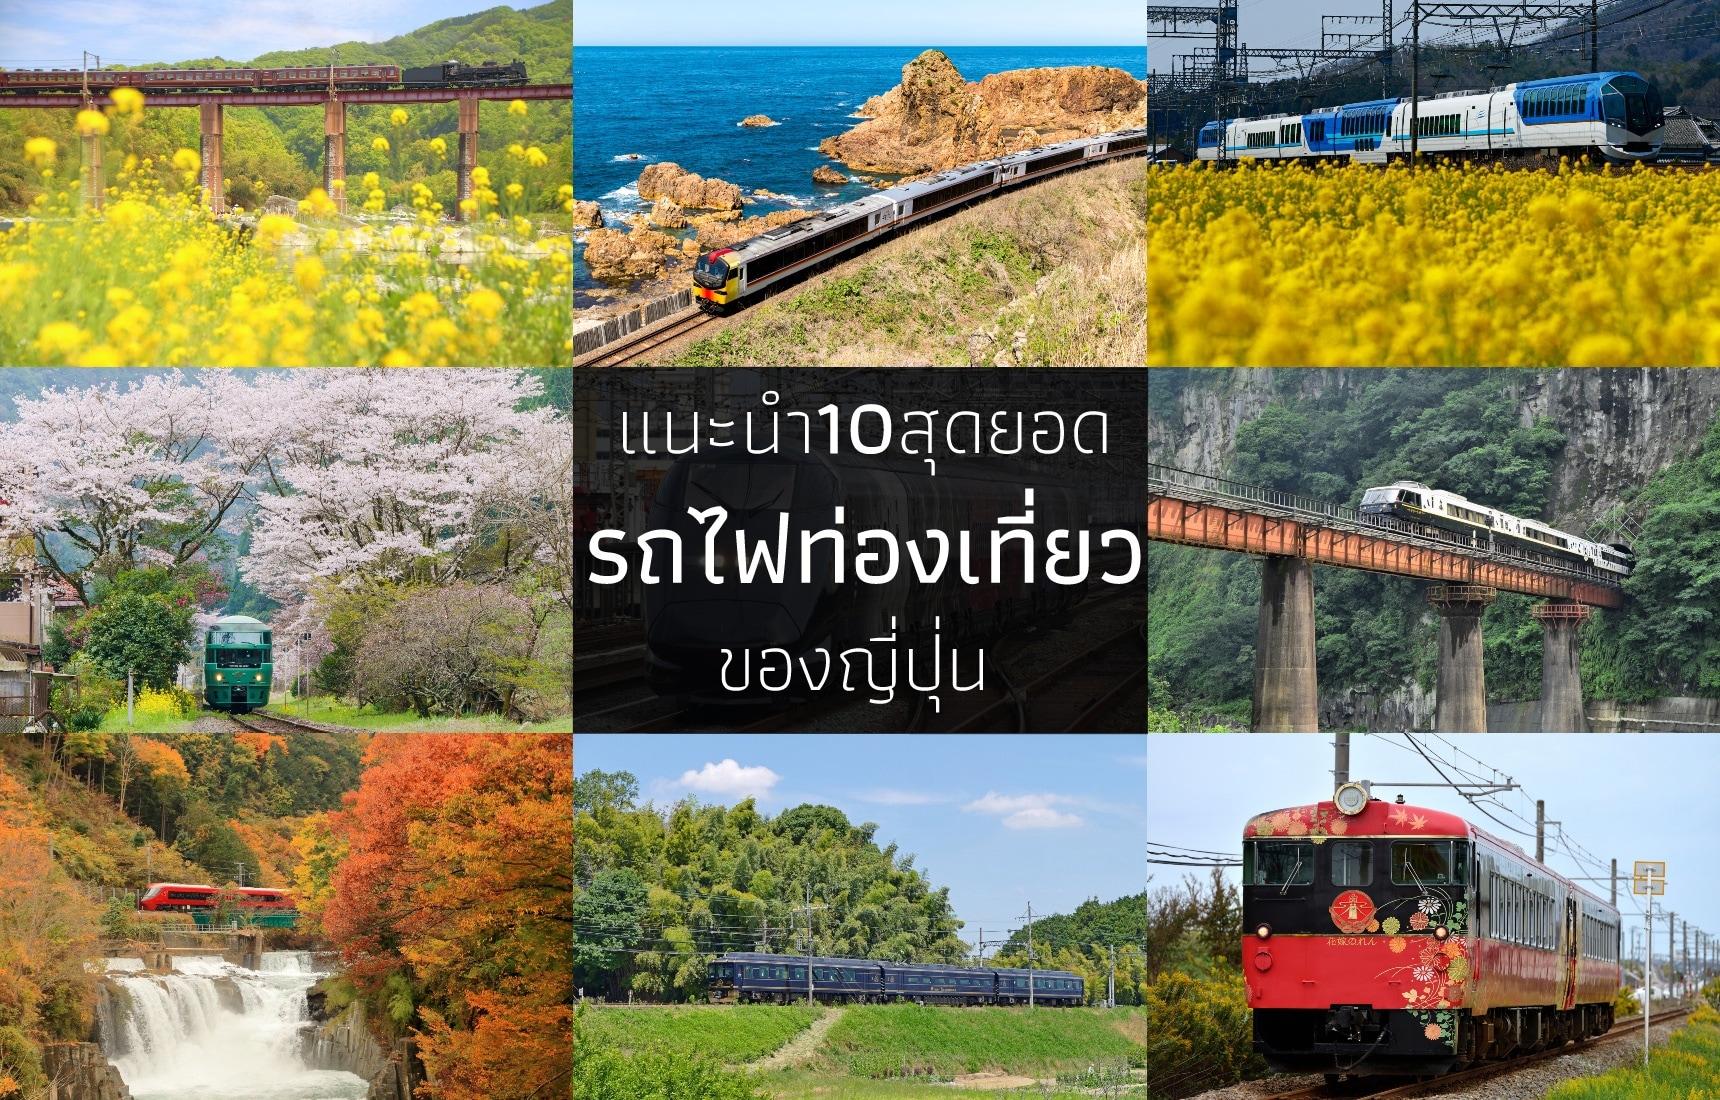 แนะนำ 10 สุดยอดรถไฟท่องเที่ยวชมวิวของญี่ปุ่น